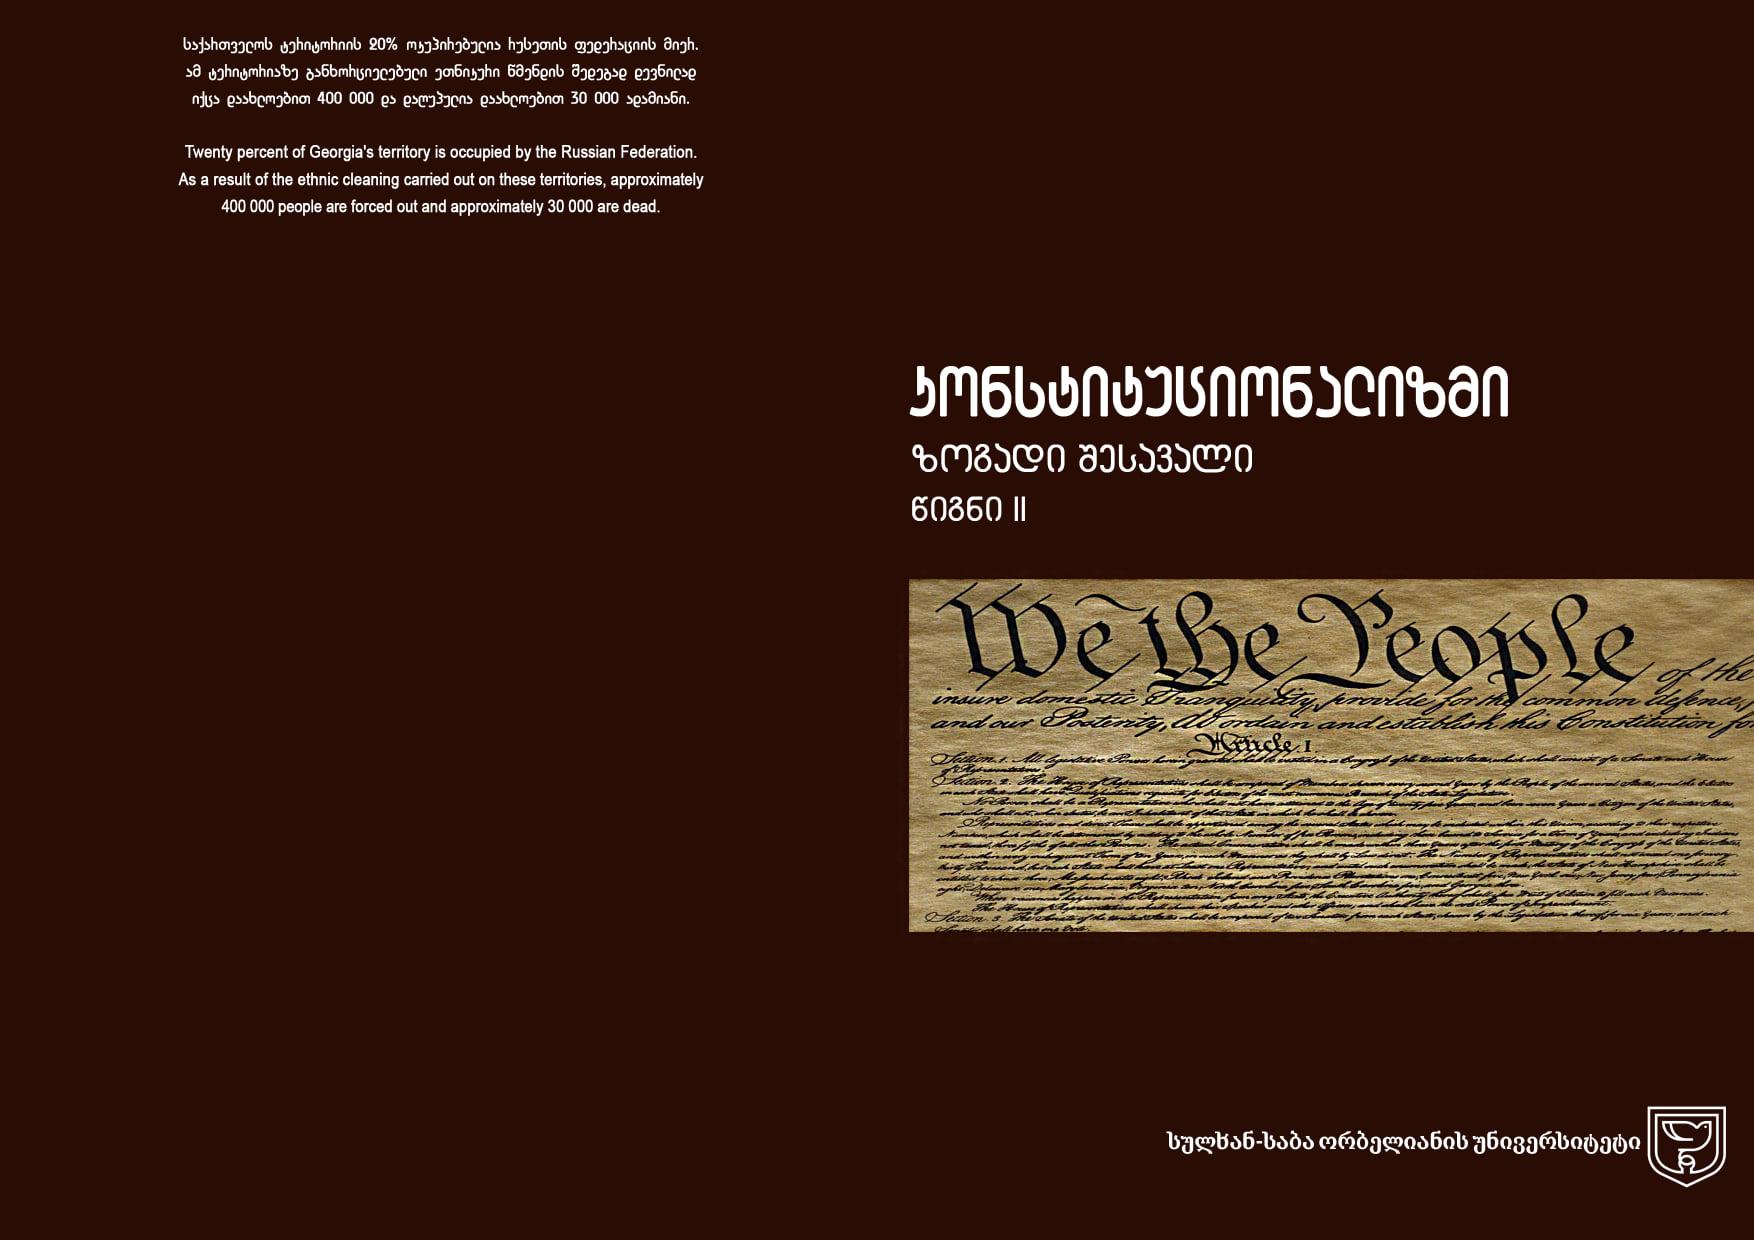 კონსტიტუციონალიზმი. ზოგადი შესავალი. წიგნი II.